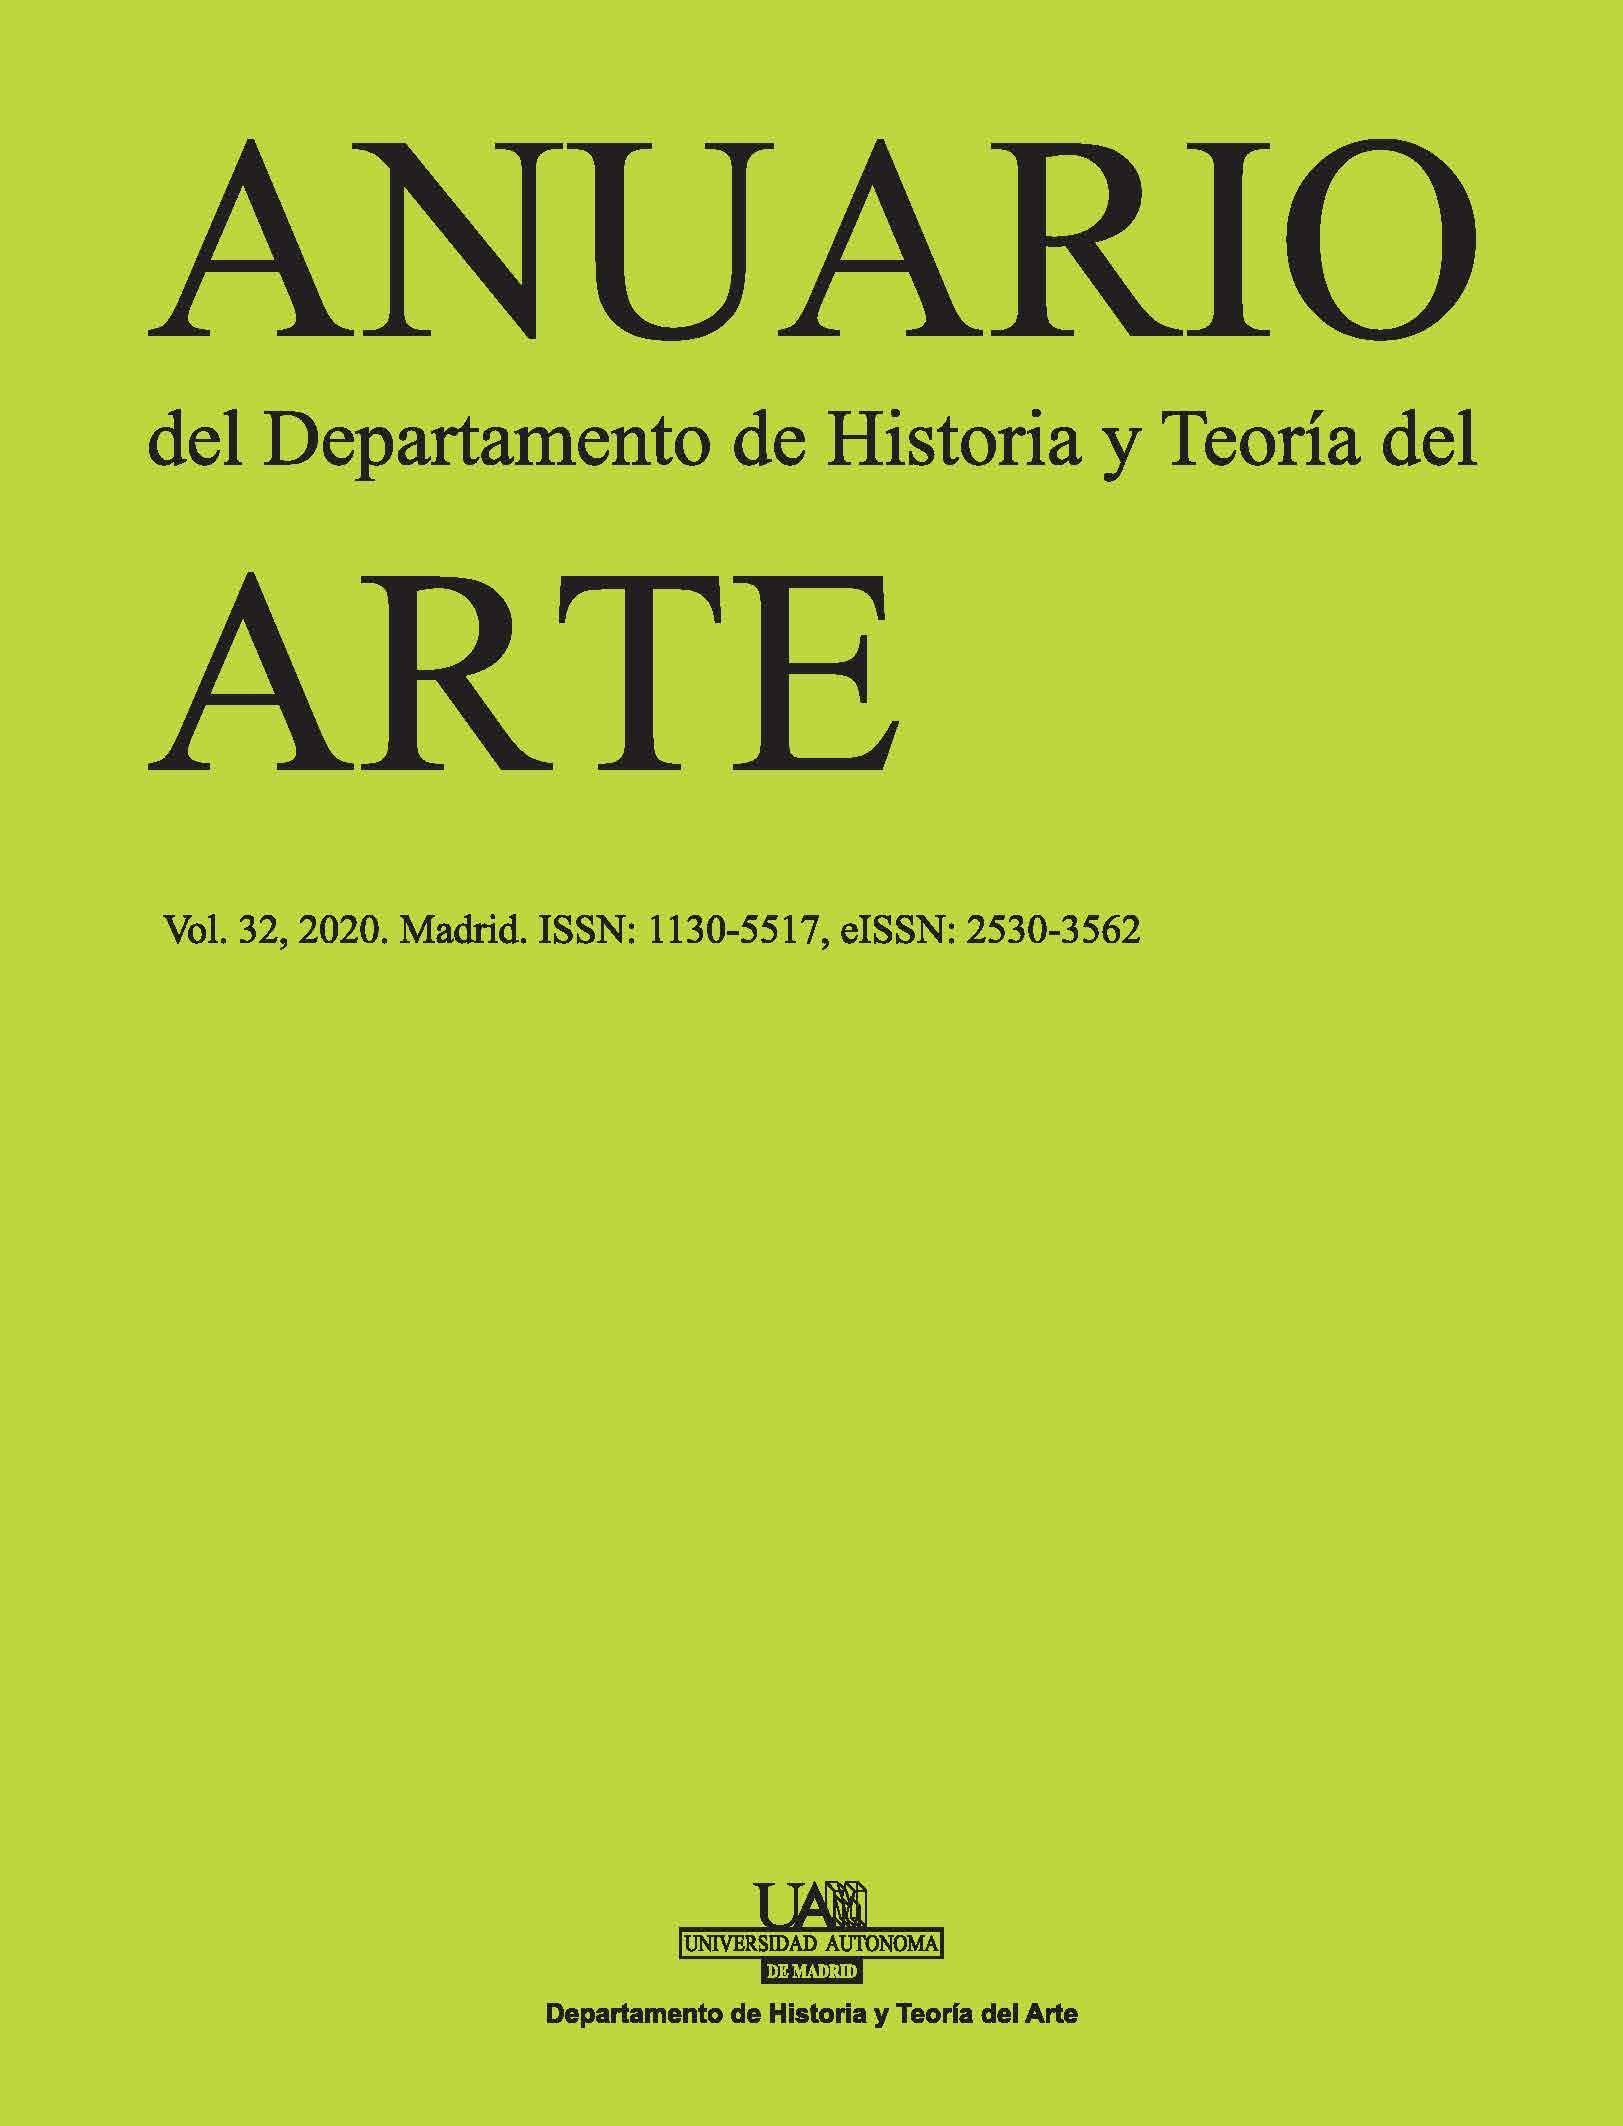 Portada del Volumen 32 del Anuario del Departamento de Historia y Teoría del Arte